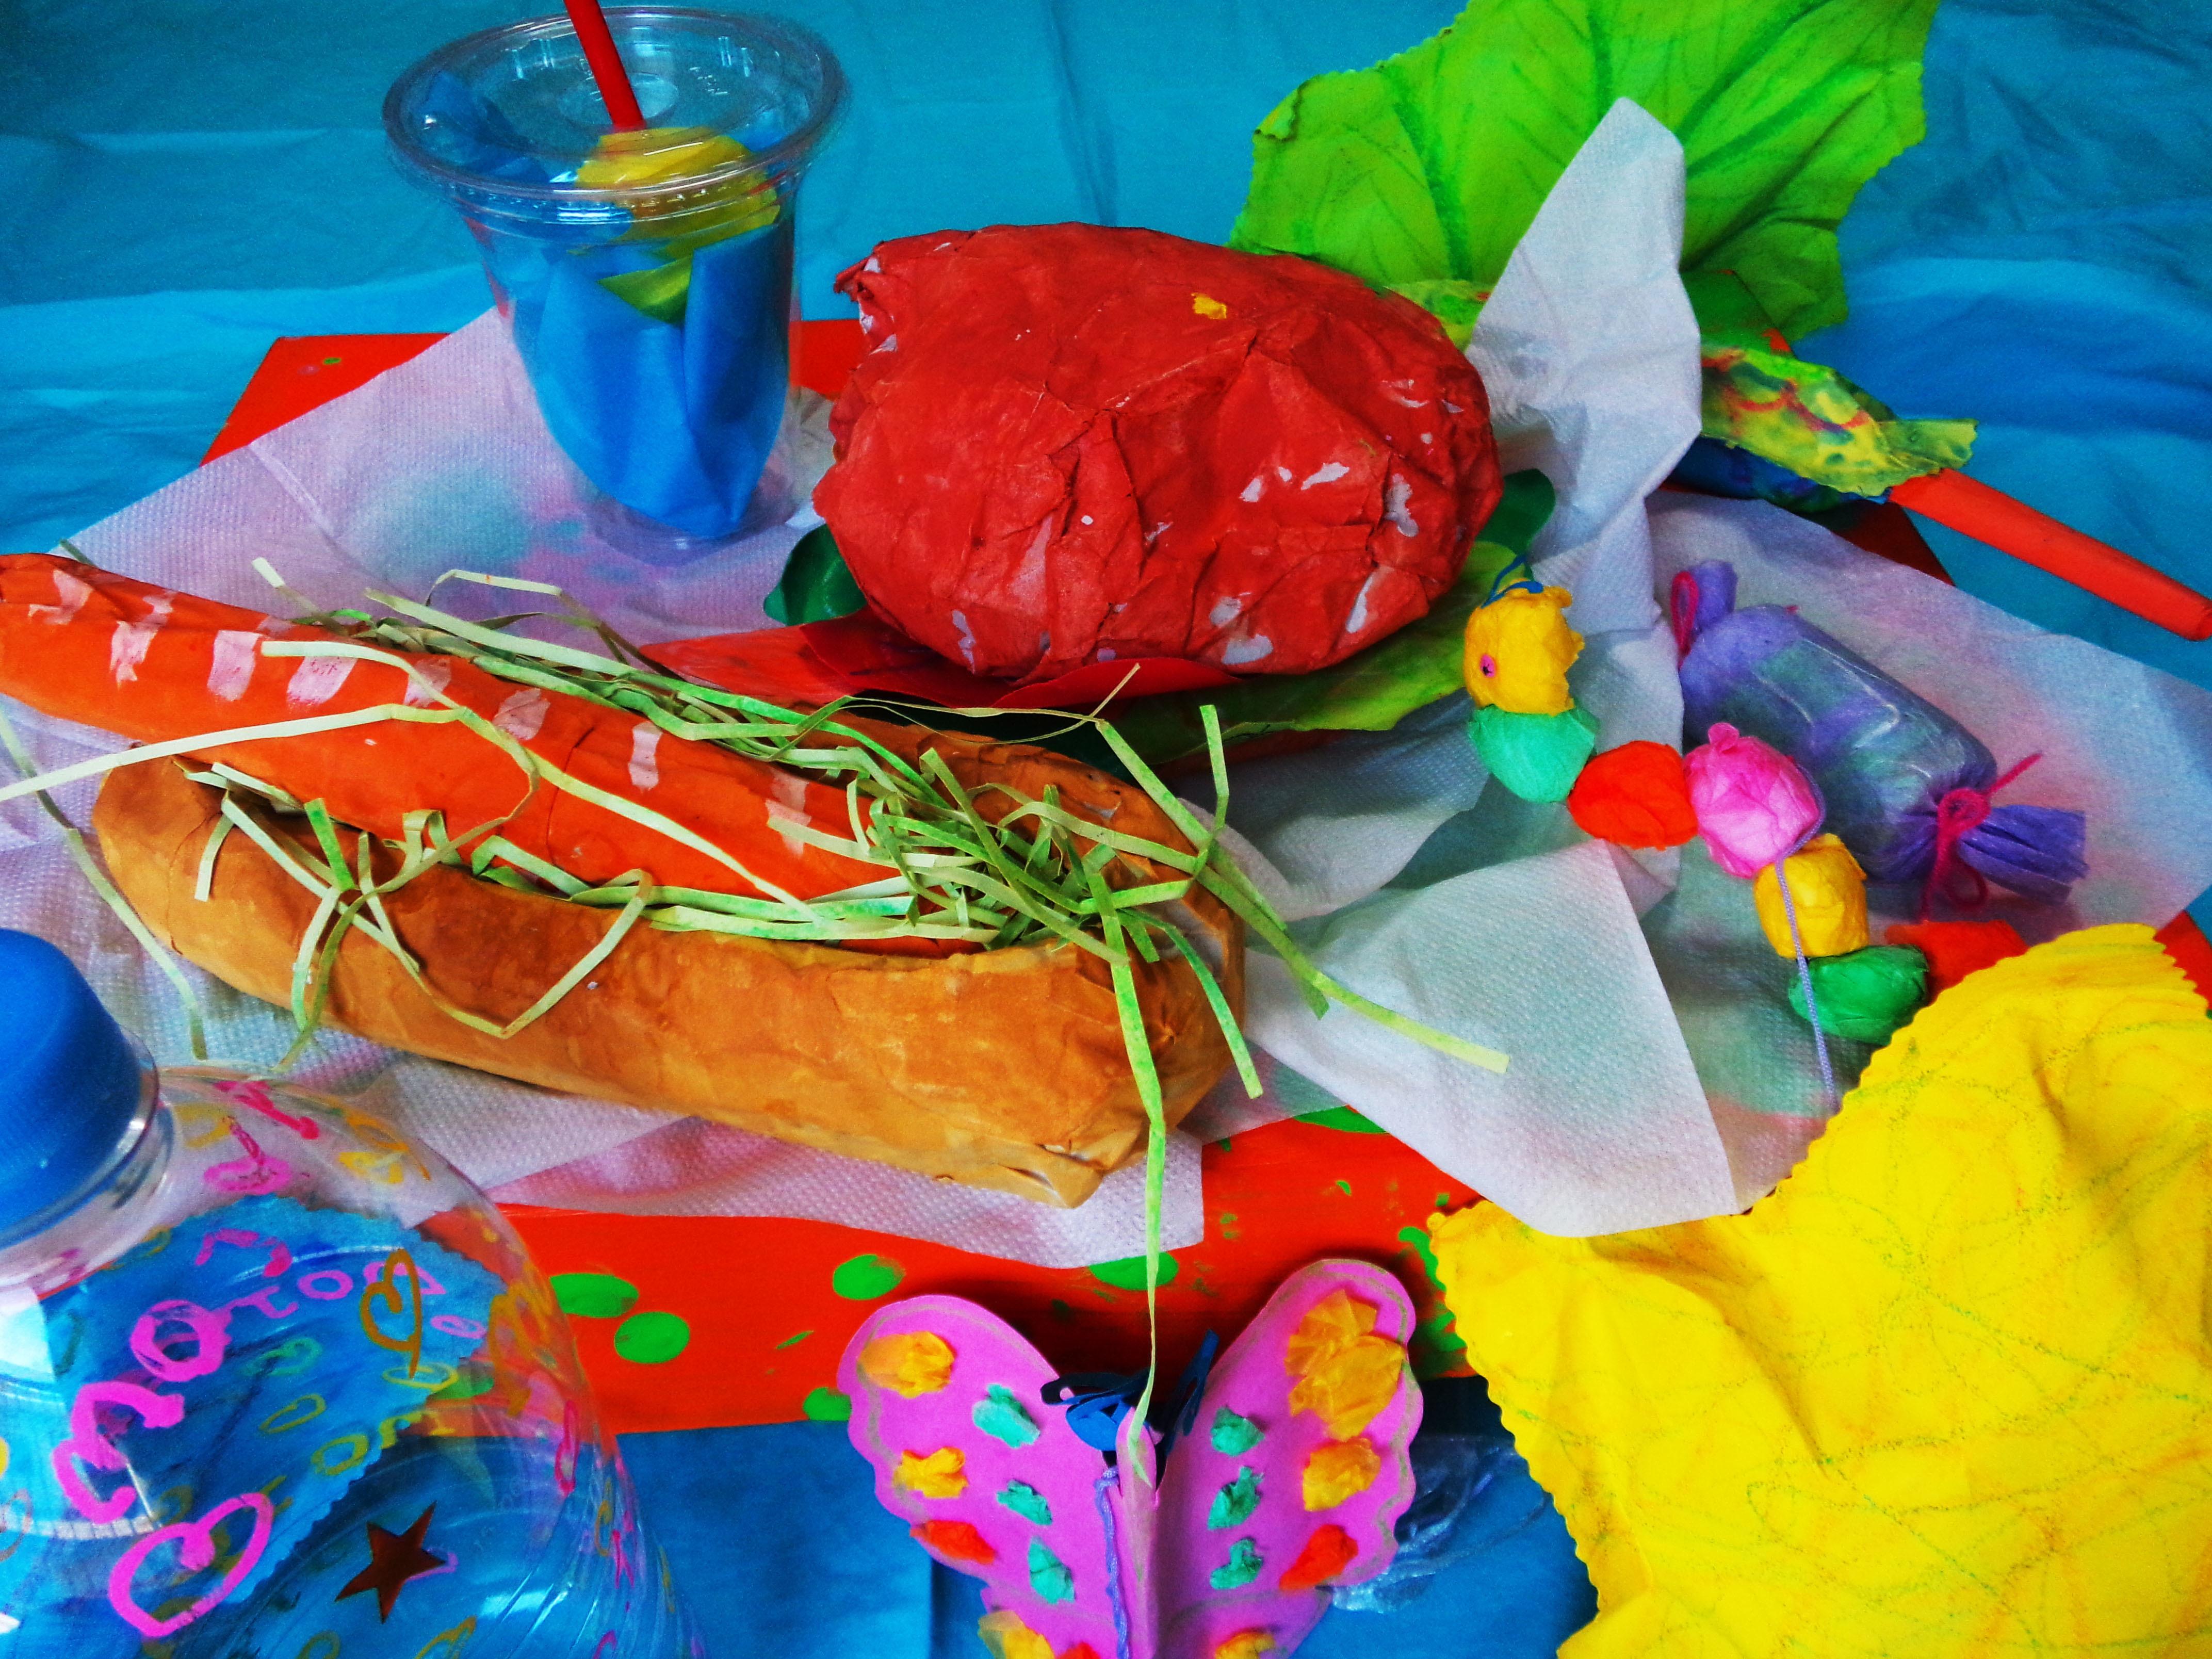 絵画造形工作 ハンバーガー パン